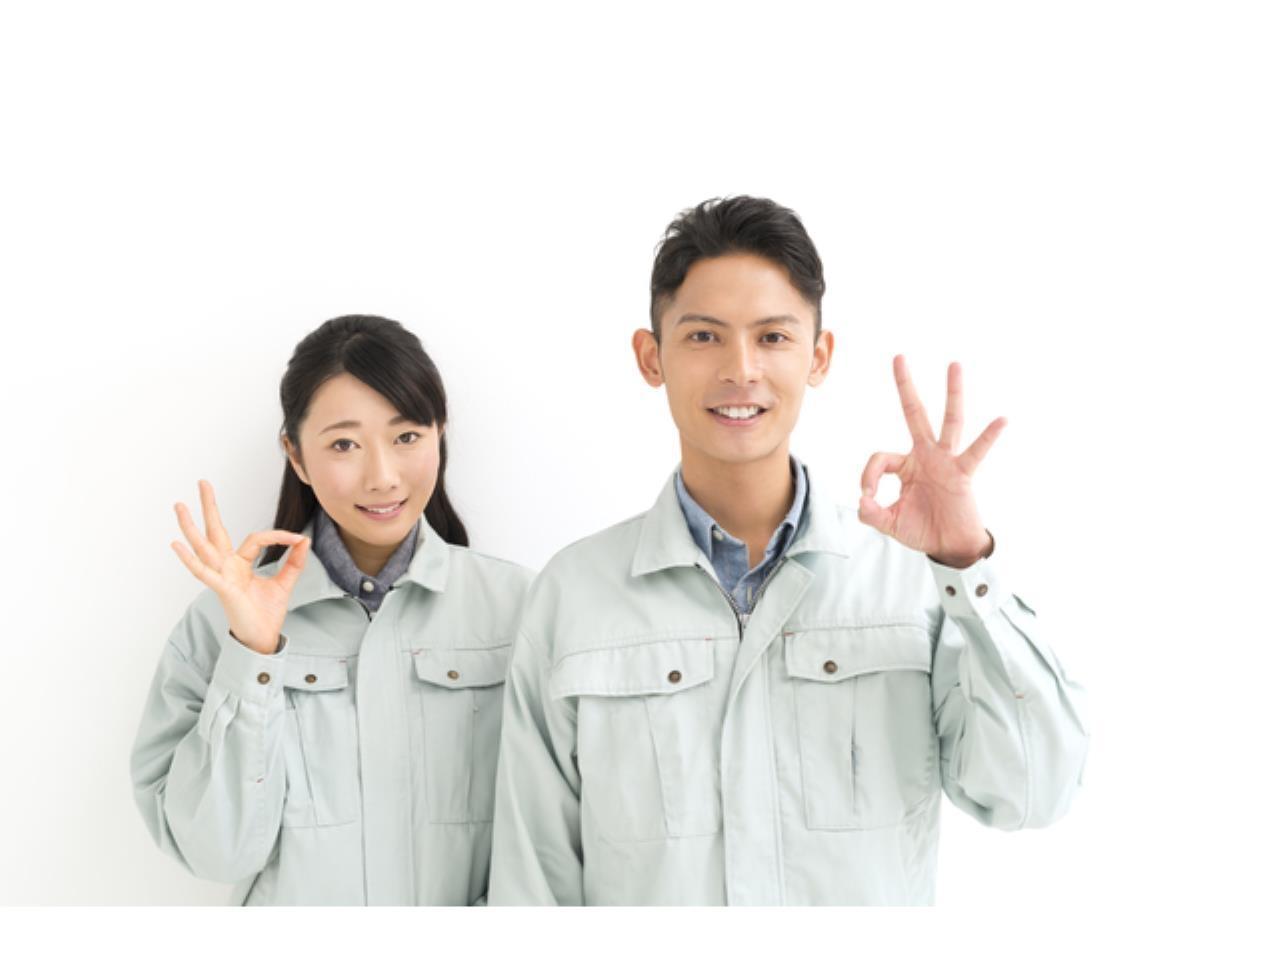 地元・岡山で働く!産業機械部品メーカーでのNC・MCオペレーター(係長候補)